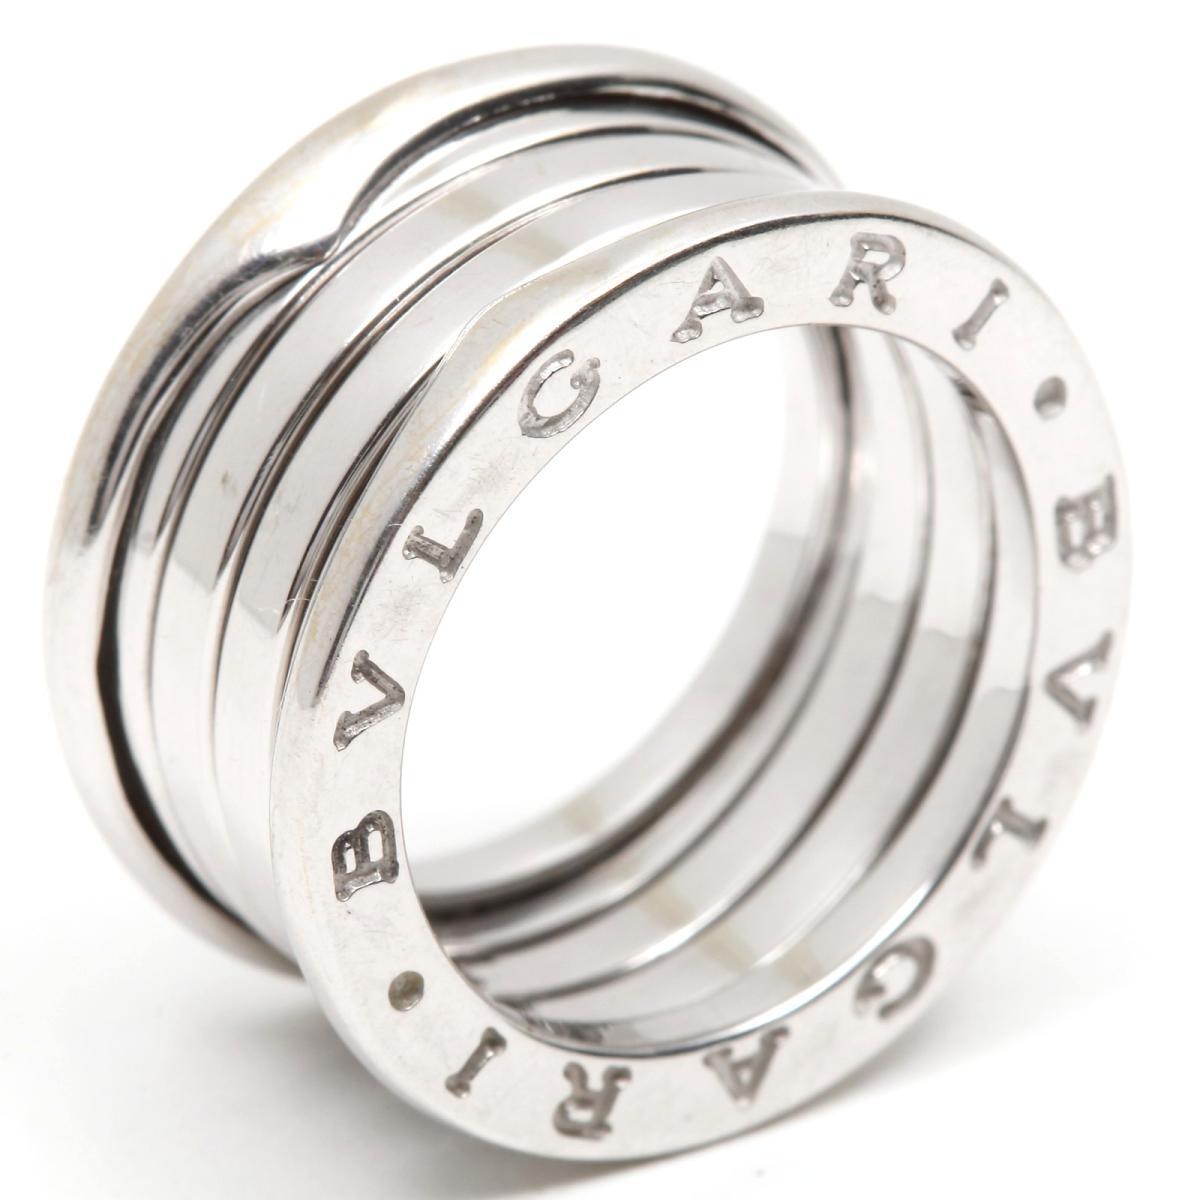 【中古】 ブルガリ B-zero1 リング Mサイズ ビーゼロワン 指輪 レディース K18WG (750) ホワイトゴールド | BVLGARI BRANDOFF ブランドオフ ブランド ジュエリー アクセサリー